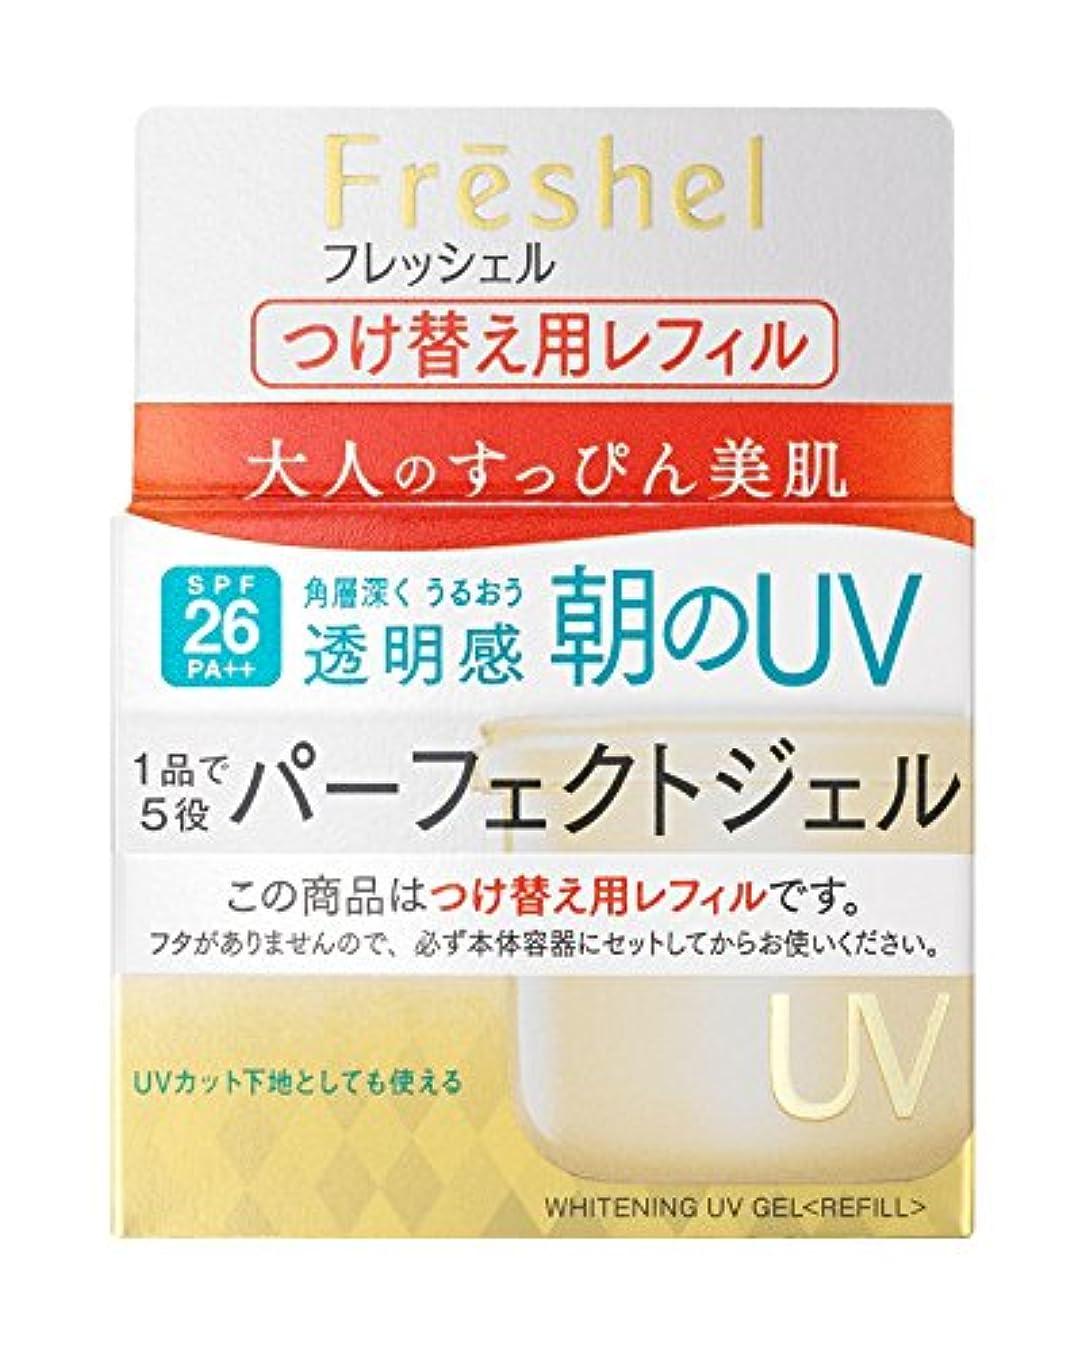 シマウマ乳白色微視的フレッシェル クリーム アクアモイスチャージェル UV <R> 80g [医薬部外品]